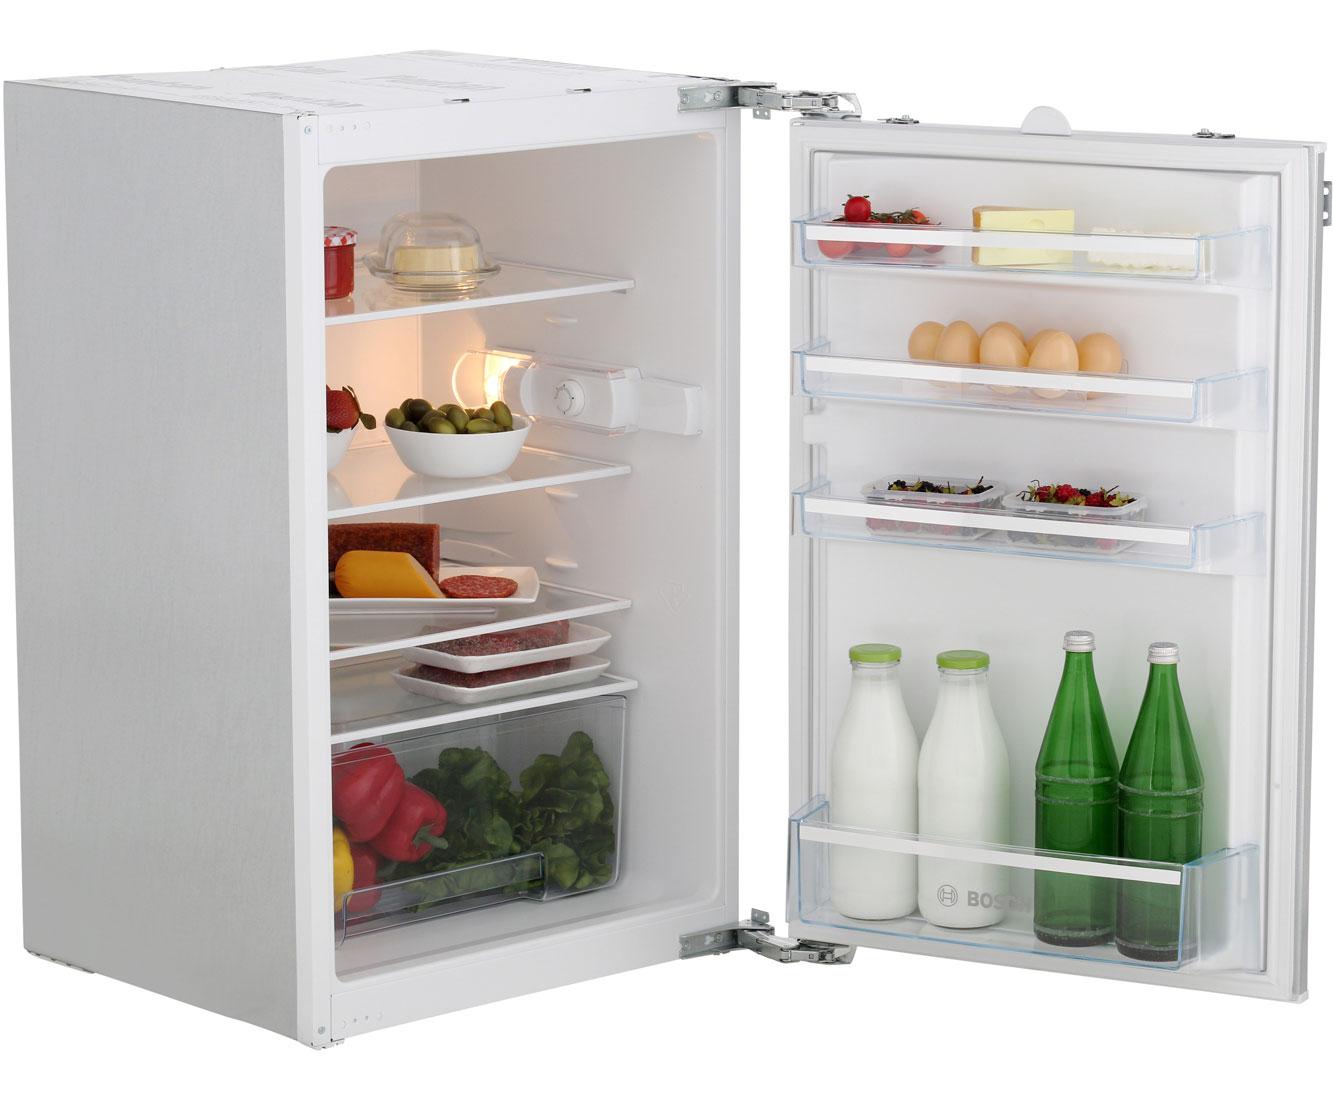 Aeg Kühlschrank Tür Einstellen : Kühlschrank festtür einstellen kühlschrank modelle